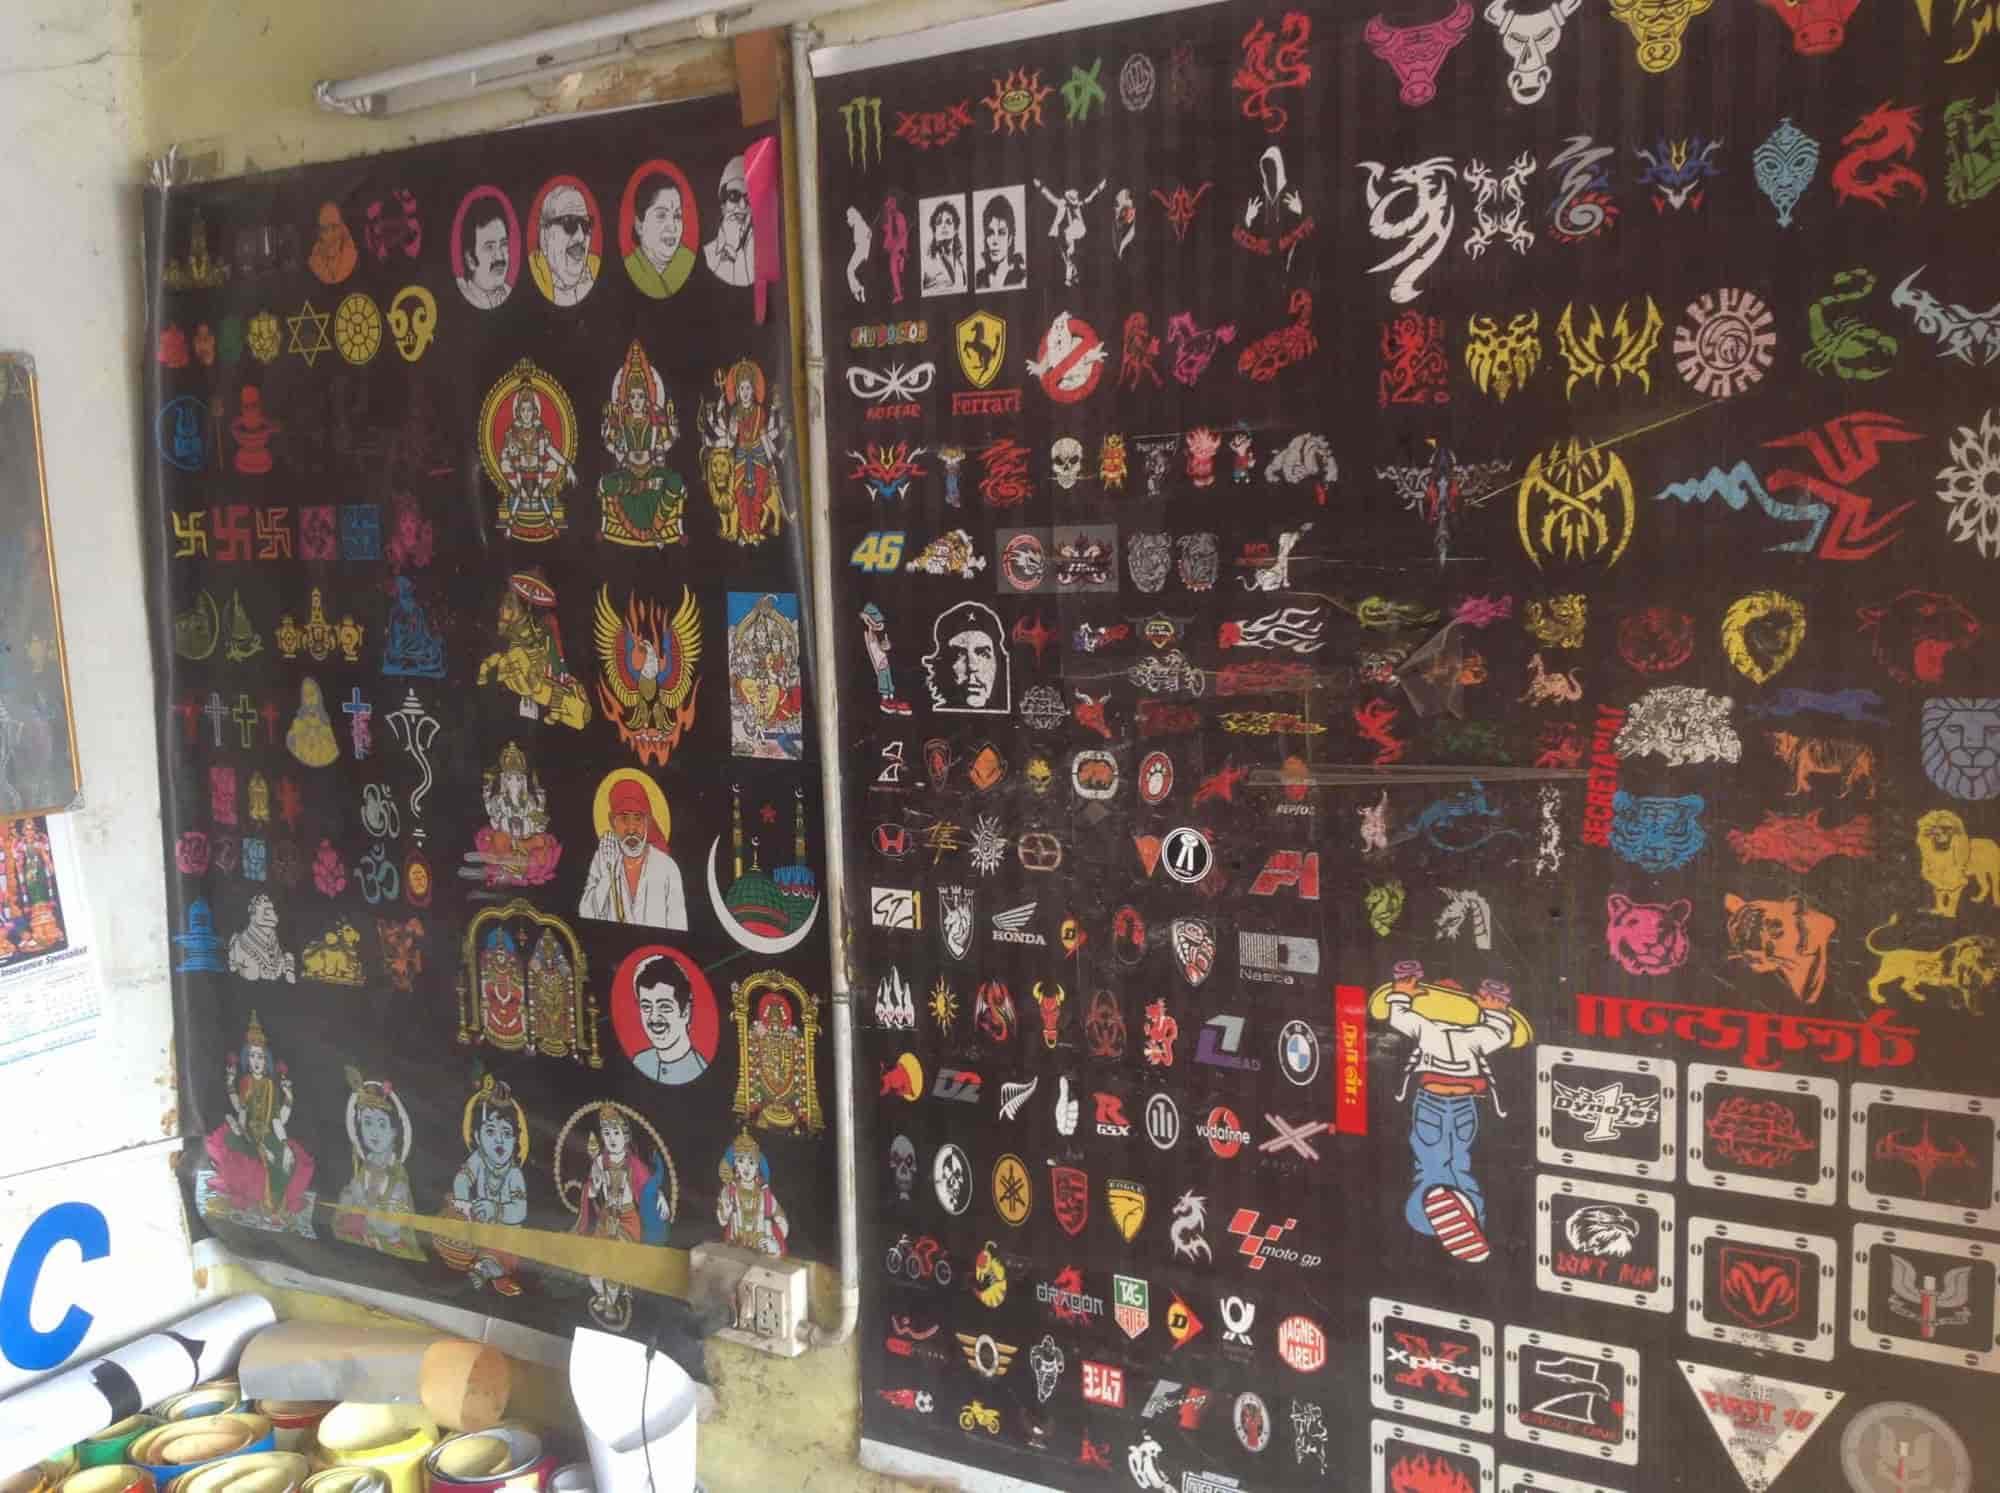 Radium sticker jai sri vinayaga sticker photos maduravoyal chennai duplicate key makers